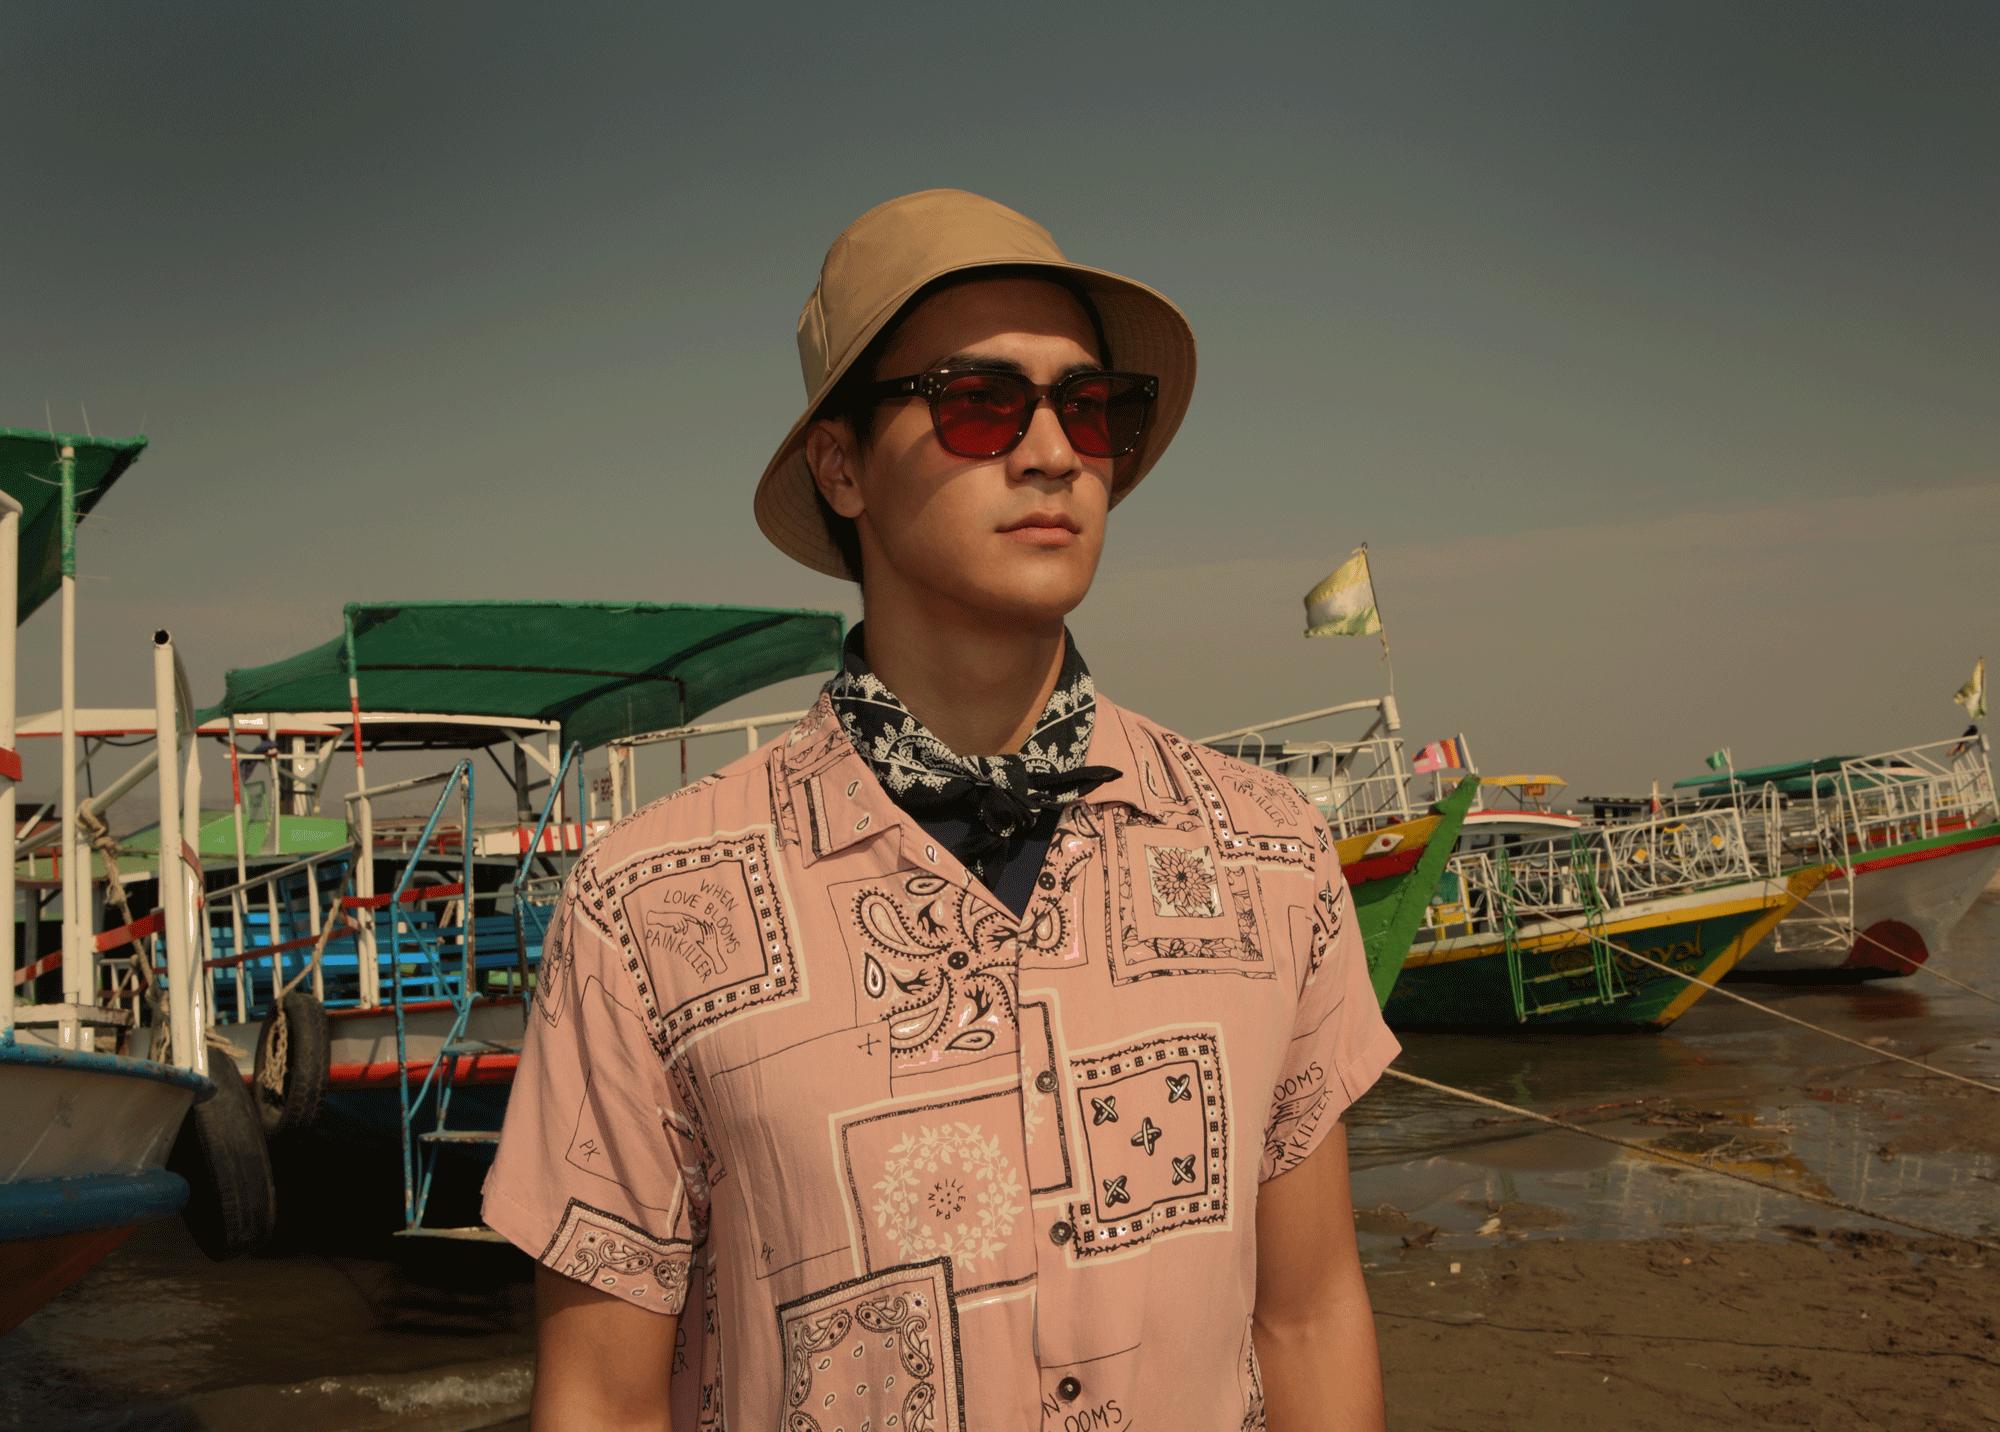 shirt : PAINKILLER / sunglasses : SPEKTRE